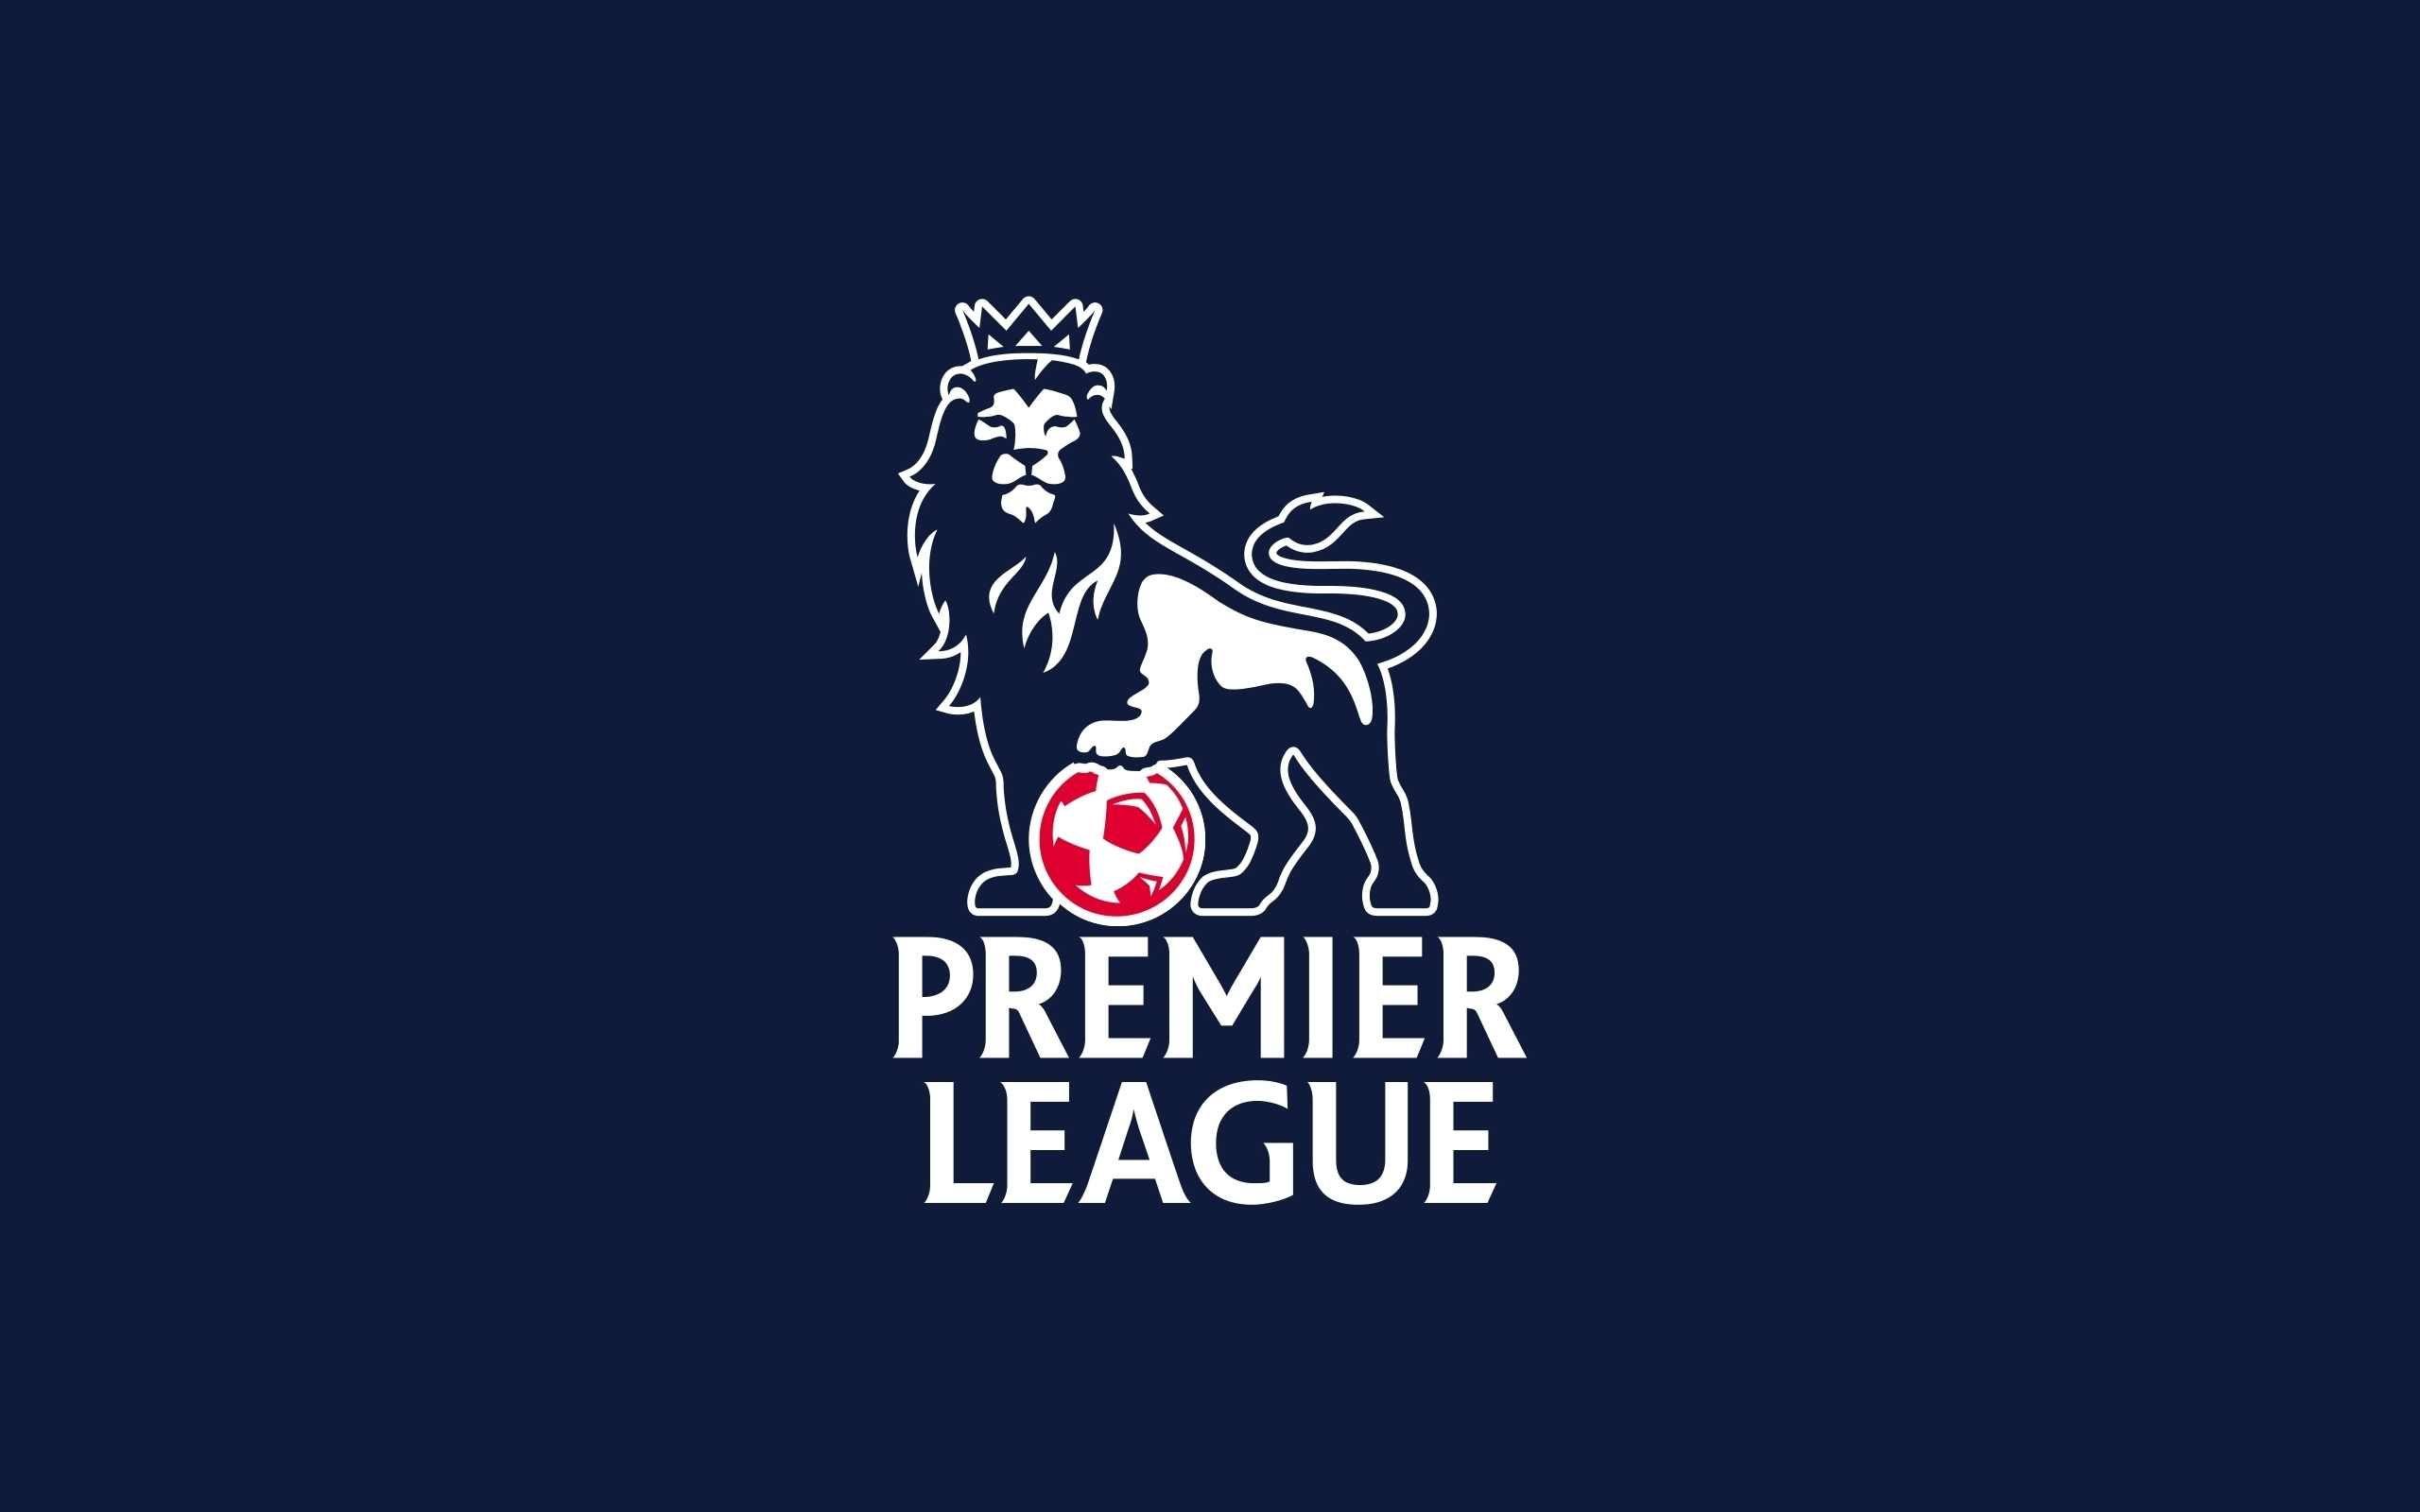 م لخص فوز ليفربول على بورنموث بر باعية في الدوري الإنجليزي ومحمد صلاح هداف البريميرليج بـ 14 هدف Premier League Logo Premier League England League